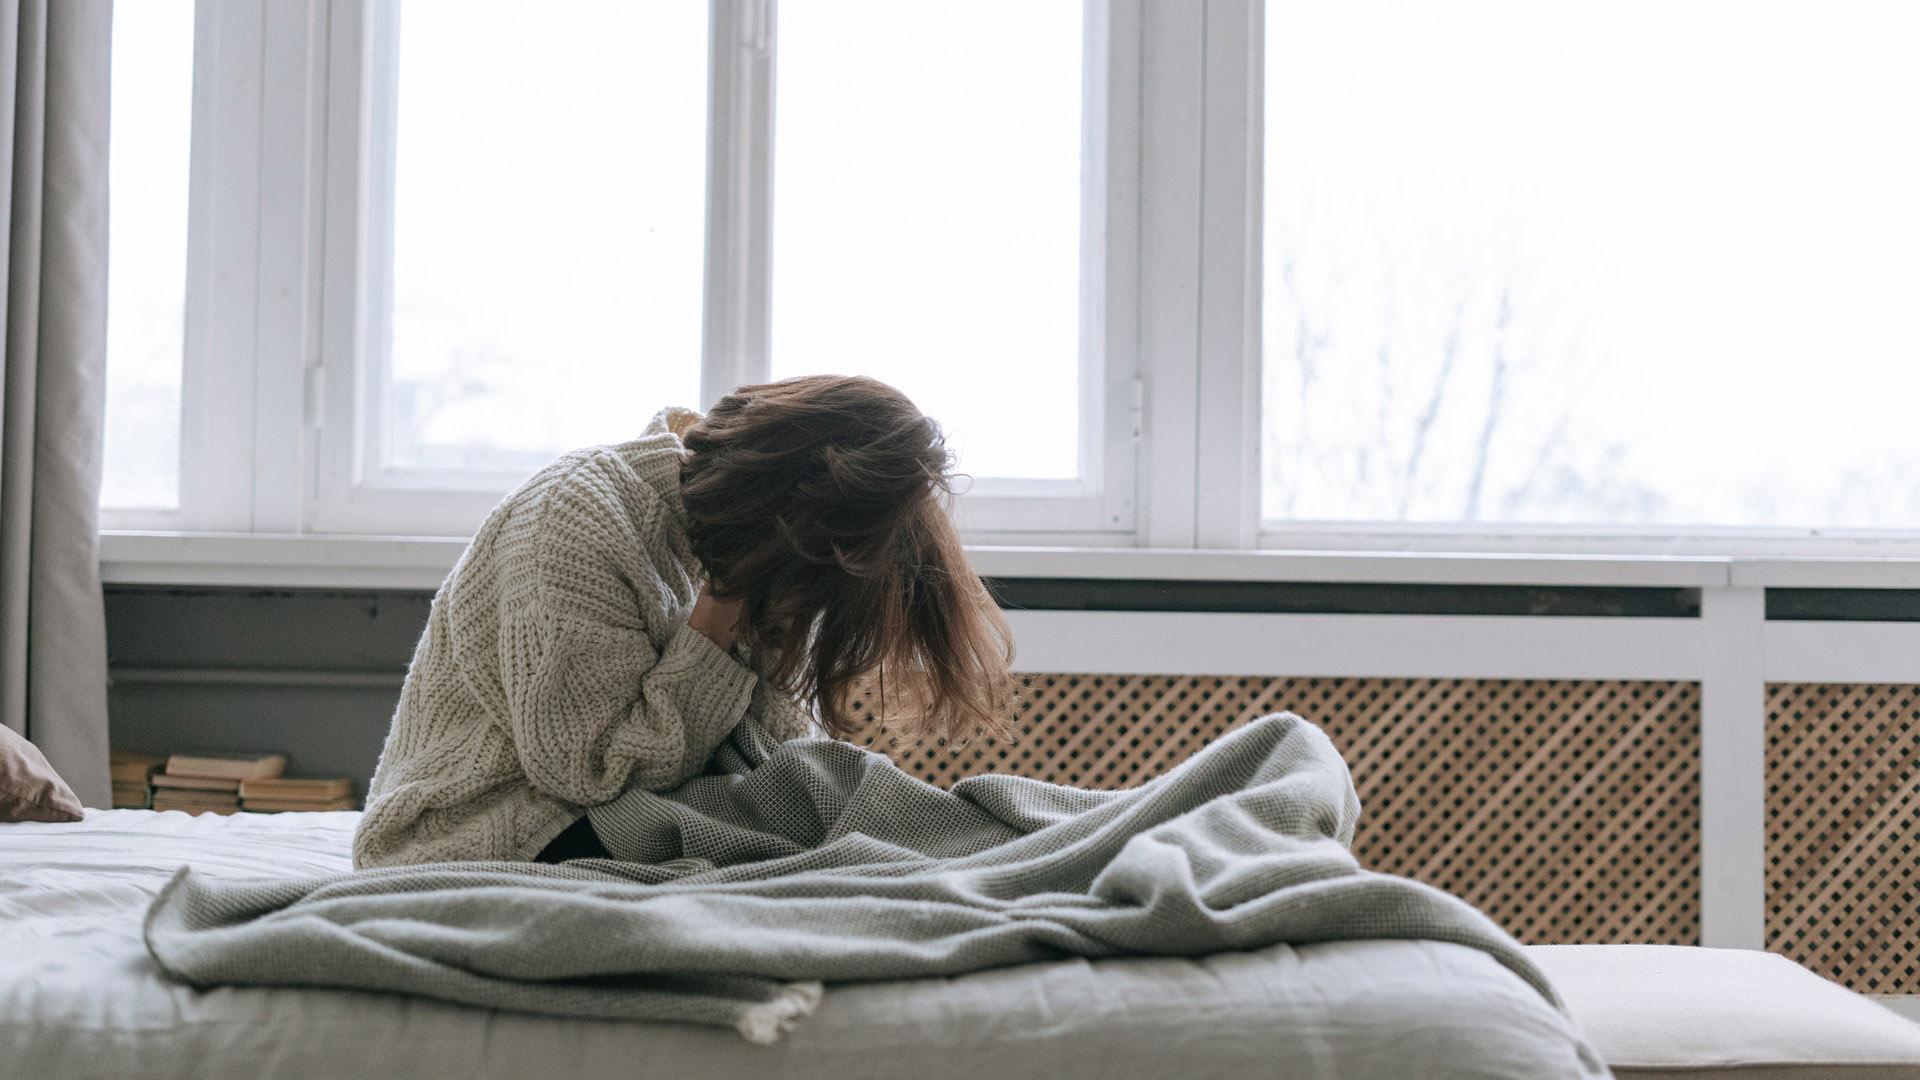 Sonno interrotto: 10 consigli per dormire bene